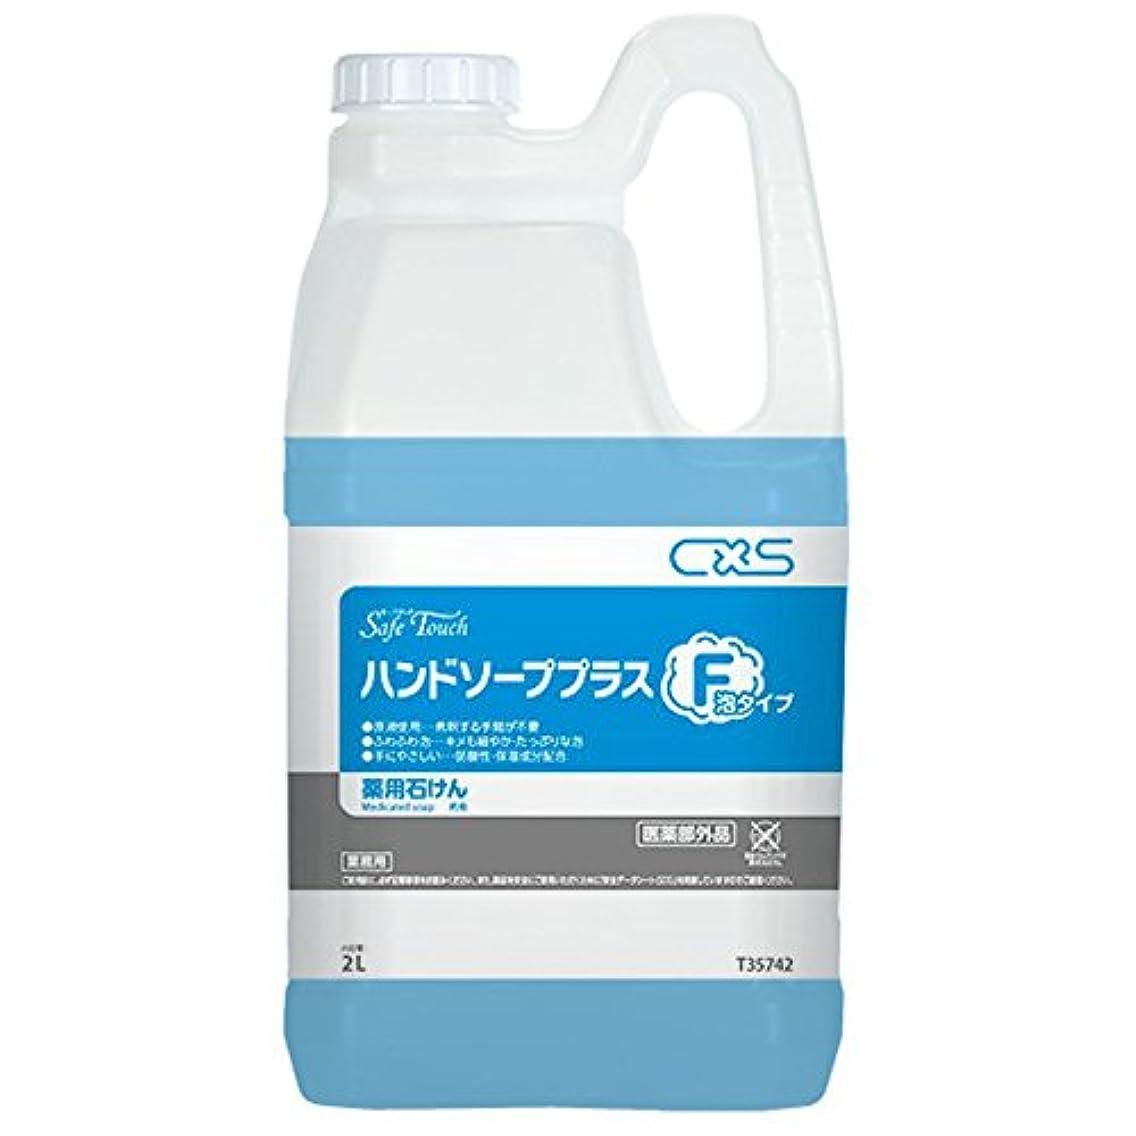 マーキー大学うまくやる()シーバイエス(C×S) 殺菌?消毒用手洗い石けん セーフタッチハンドソーププラスF 2L